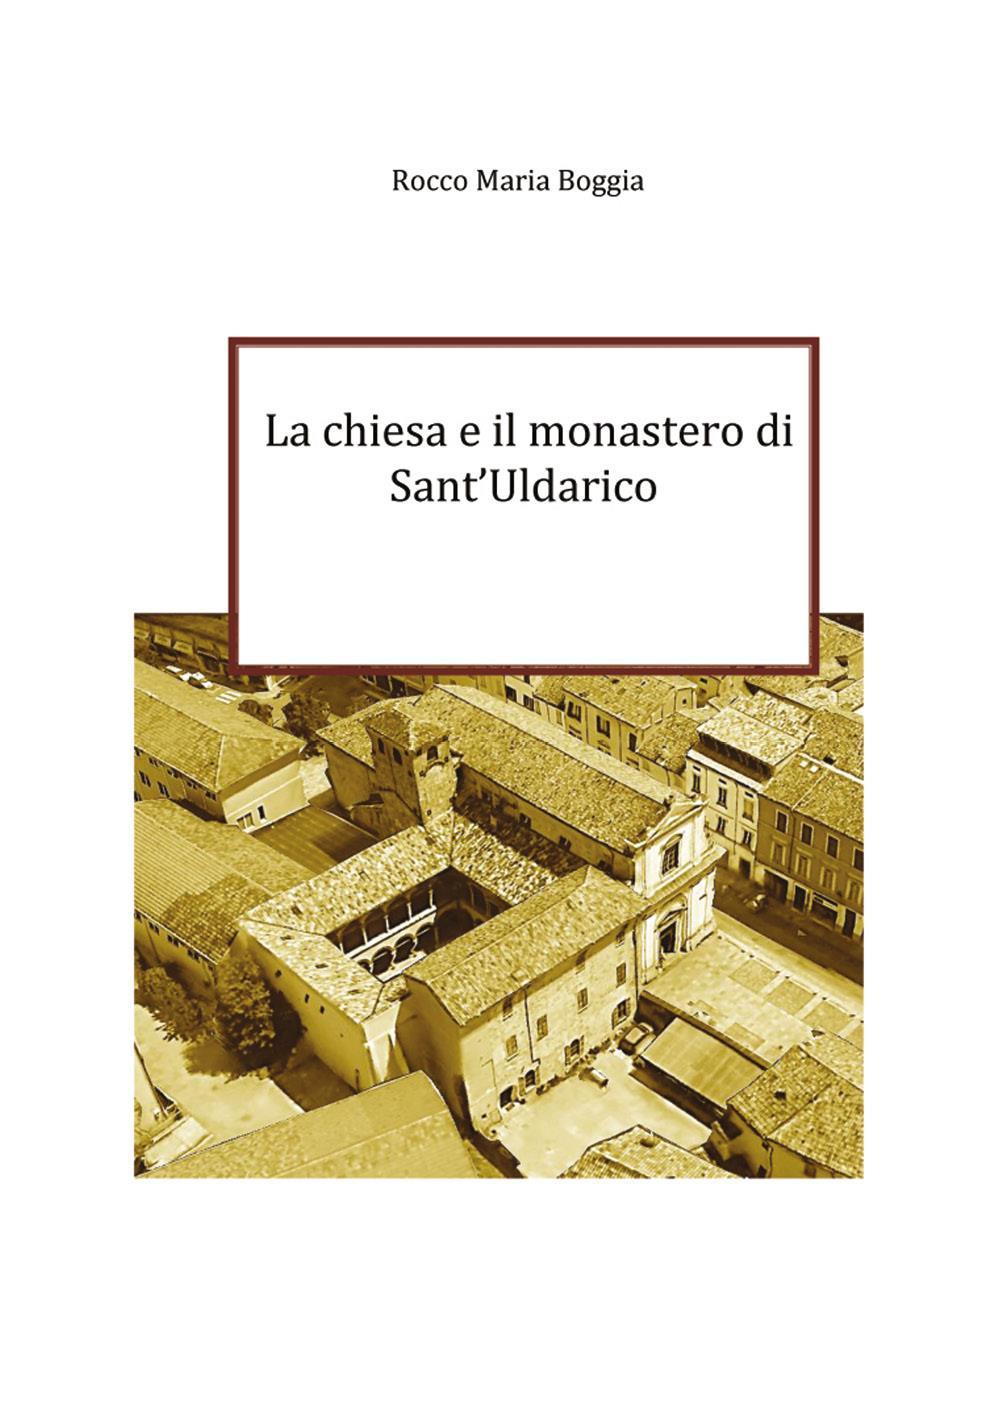 La chiesa e il monastero di Sant'Uldarico